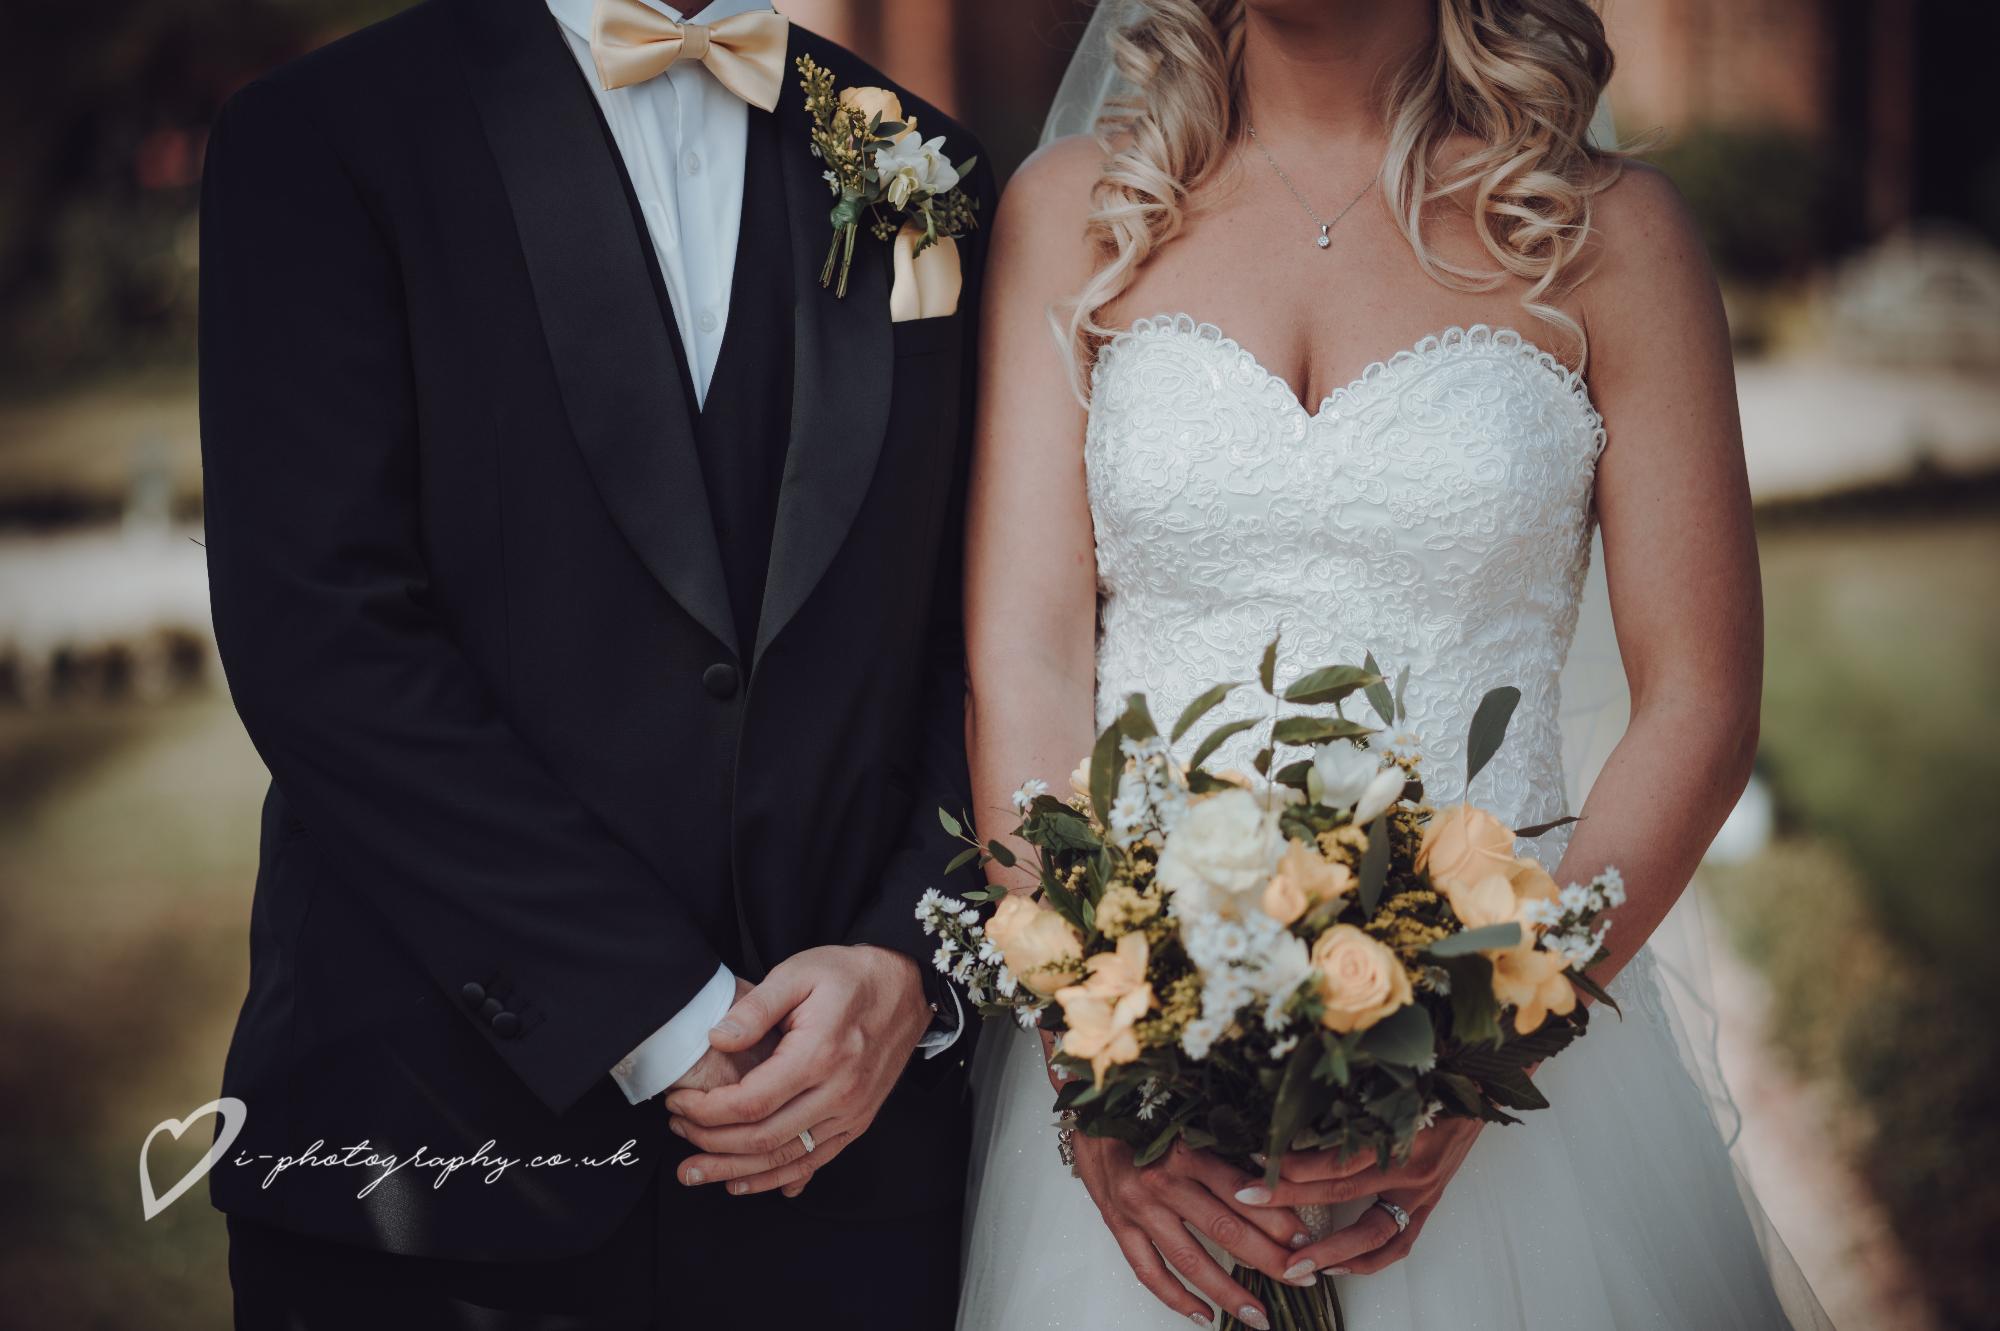 Tony & Lucy Wedding Album